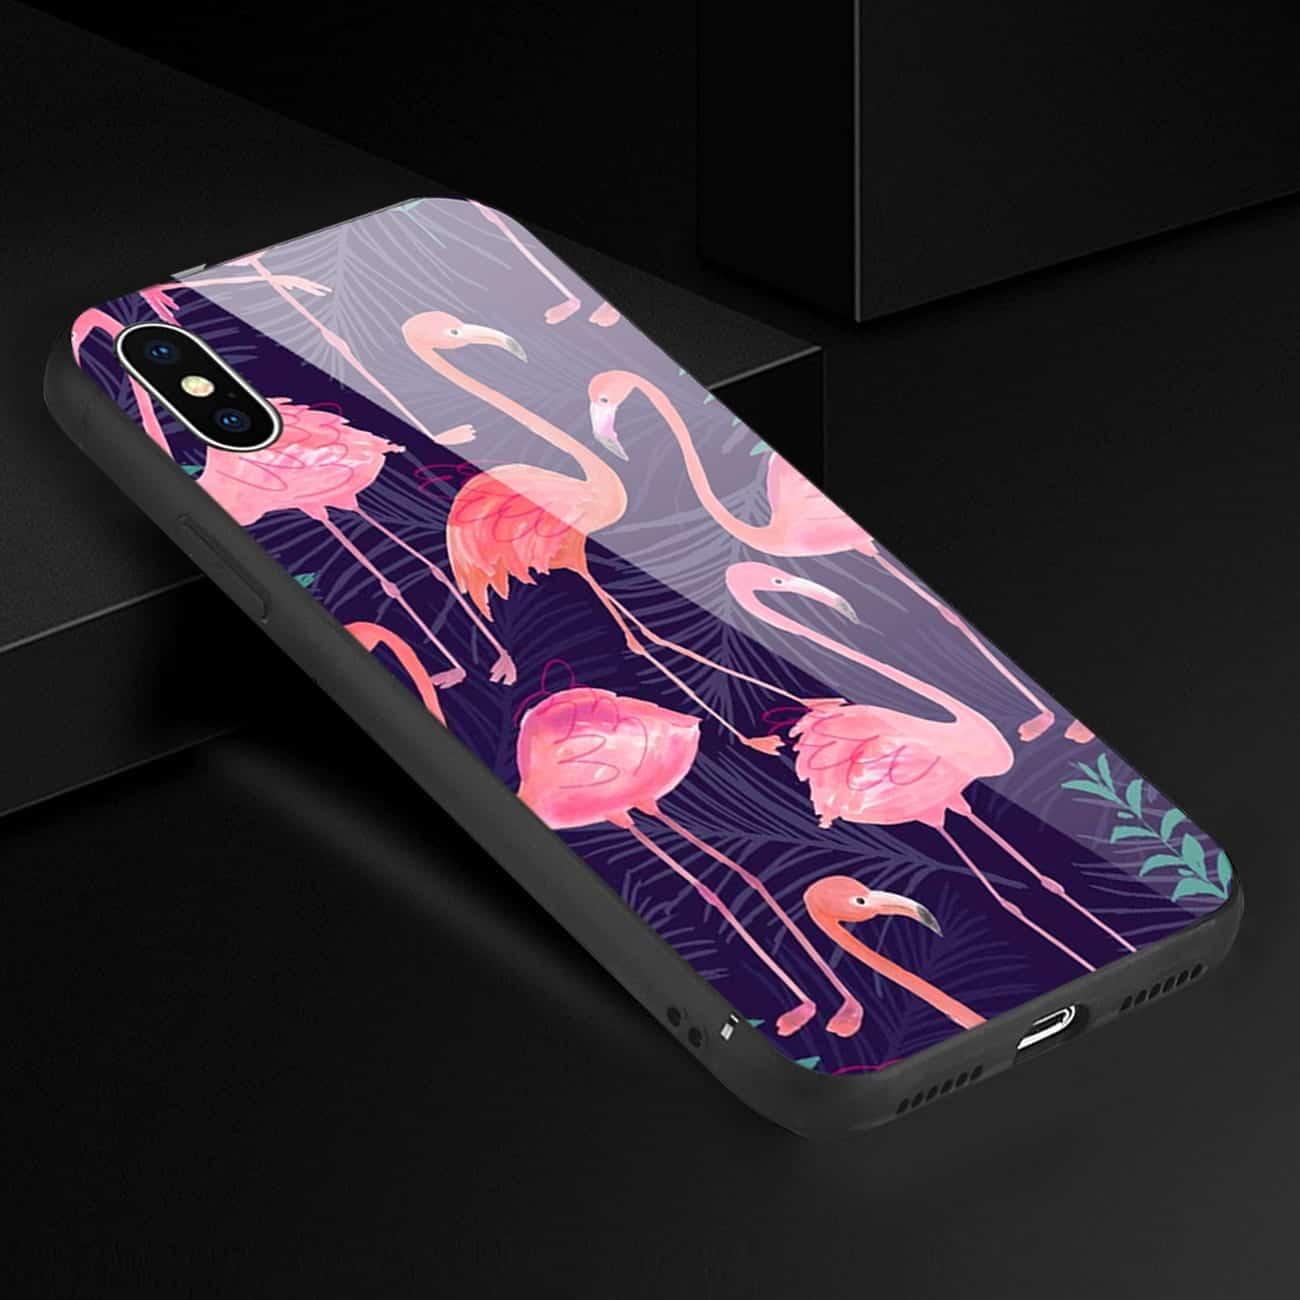 iPhone X/XS Hard Glass Design TPU Case